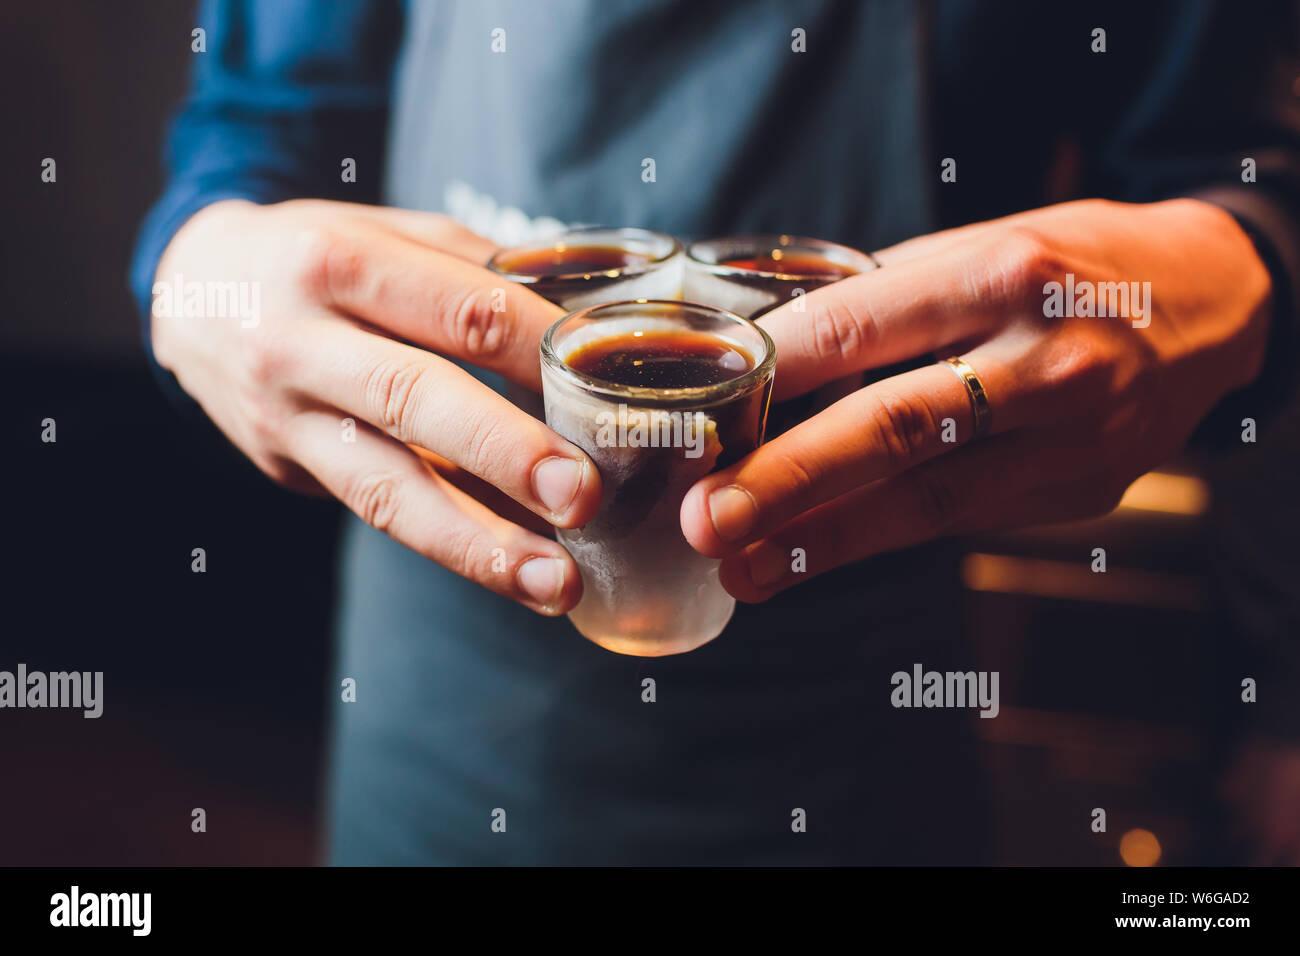 Cheer main d'hommes avec des lunettes de tir ou liqueur. Les amis boire shot ou de liqueur et des acclamations. Bravo à mains mâles sur arrière-plan de la barre d'alcool trouble Banque D'Images